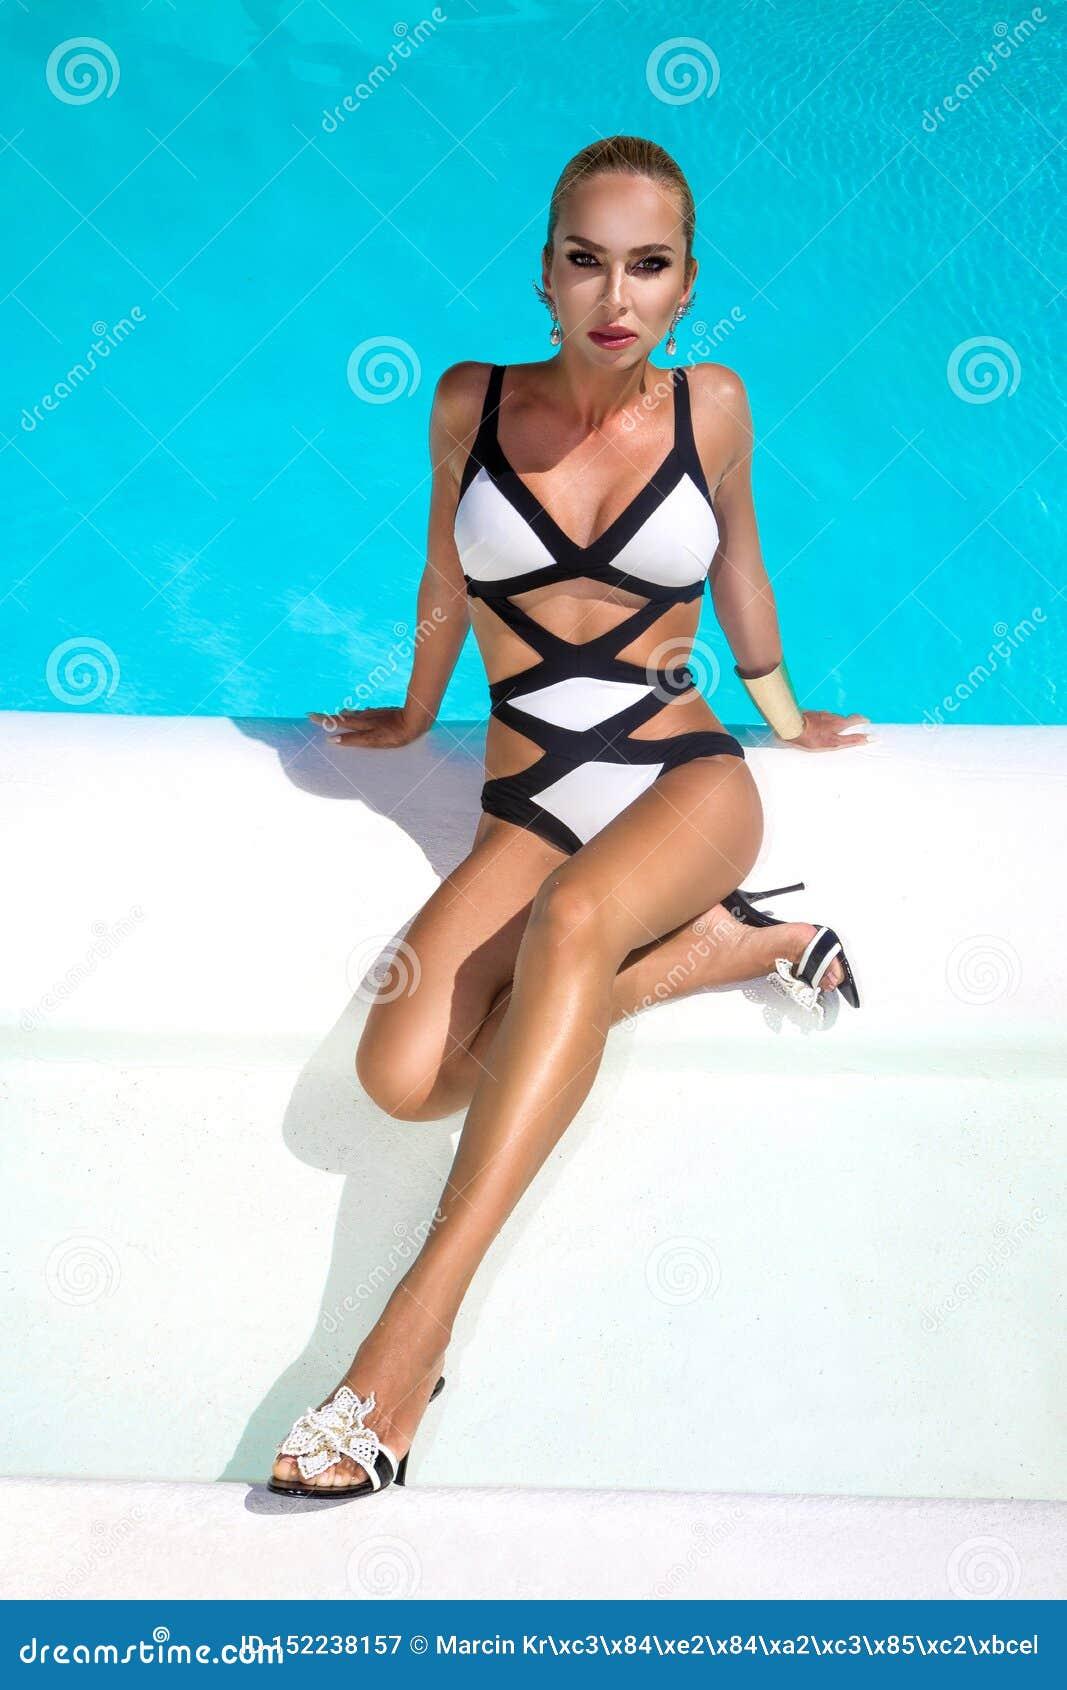 La donna sexy elegante in bikini di lusso sul corpo esile e ben fatto Sun-abbronzato sta posando vicino alla piscina Prendere il